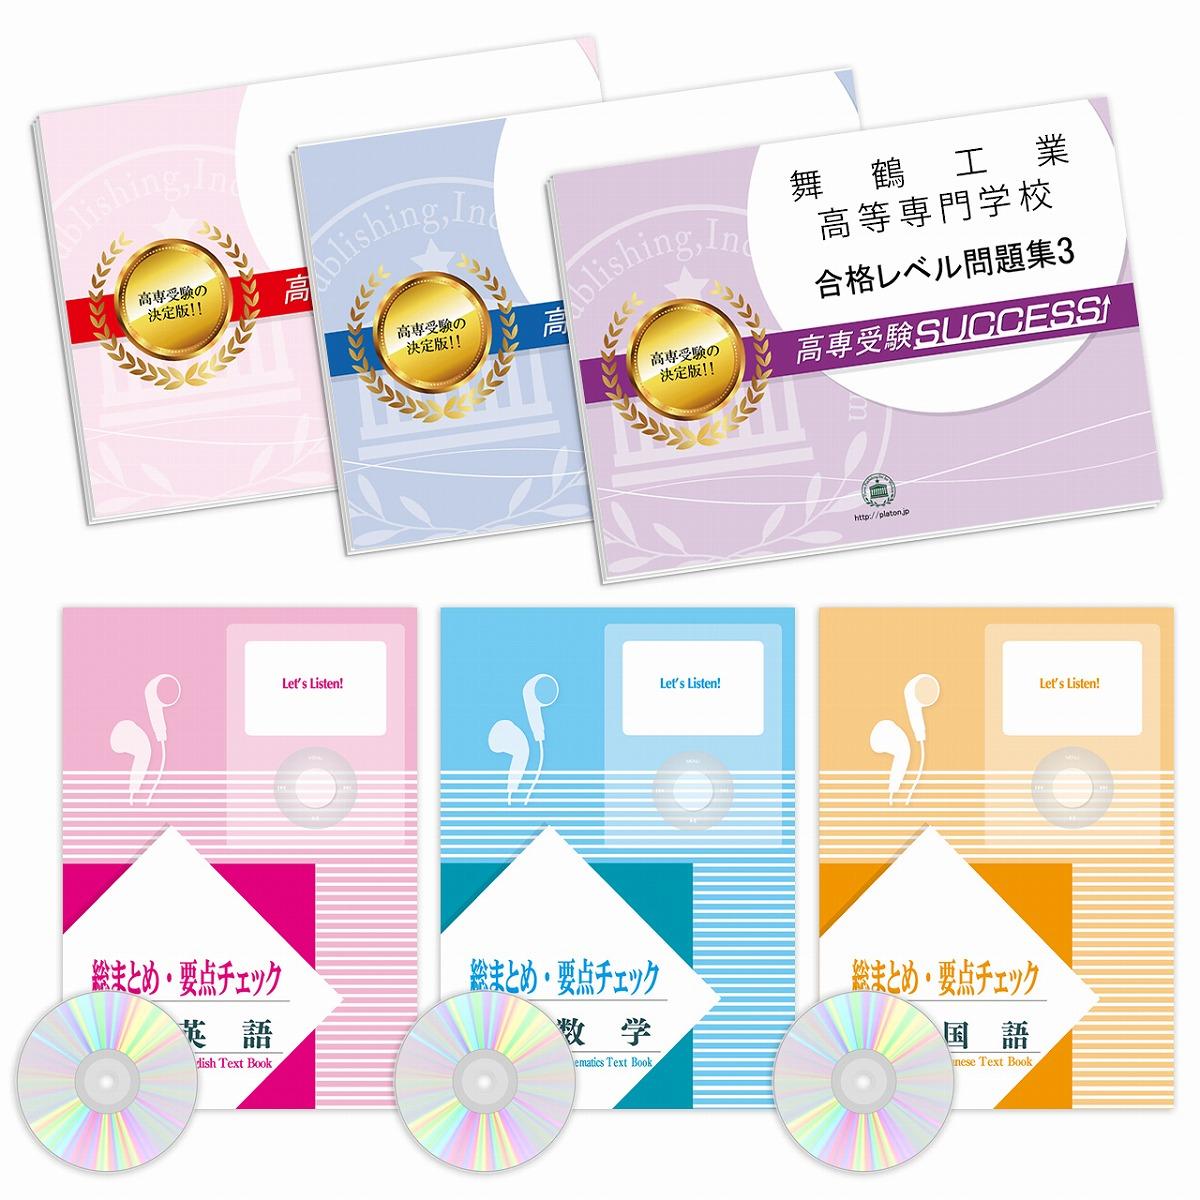 【送料・代引手数料無料】舞鶴工業高等専門学校受験合格セット(6冊)